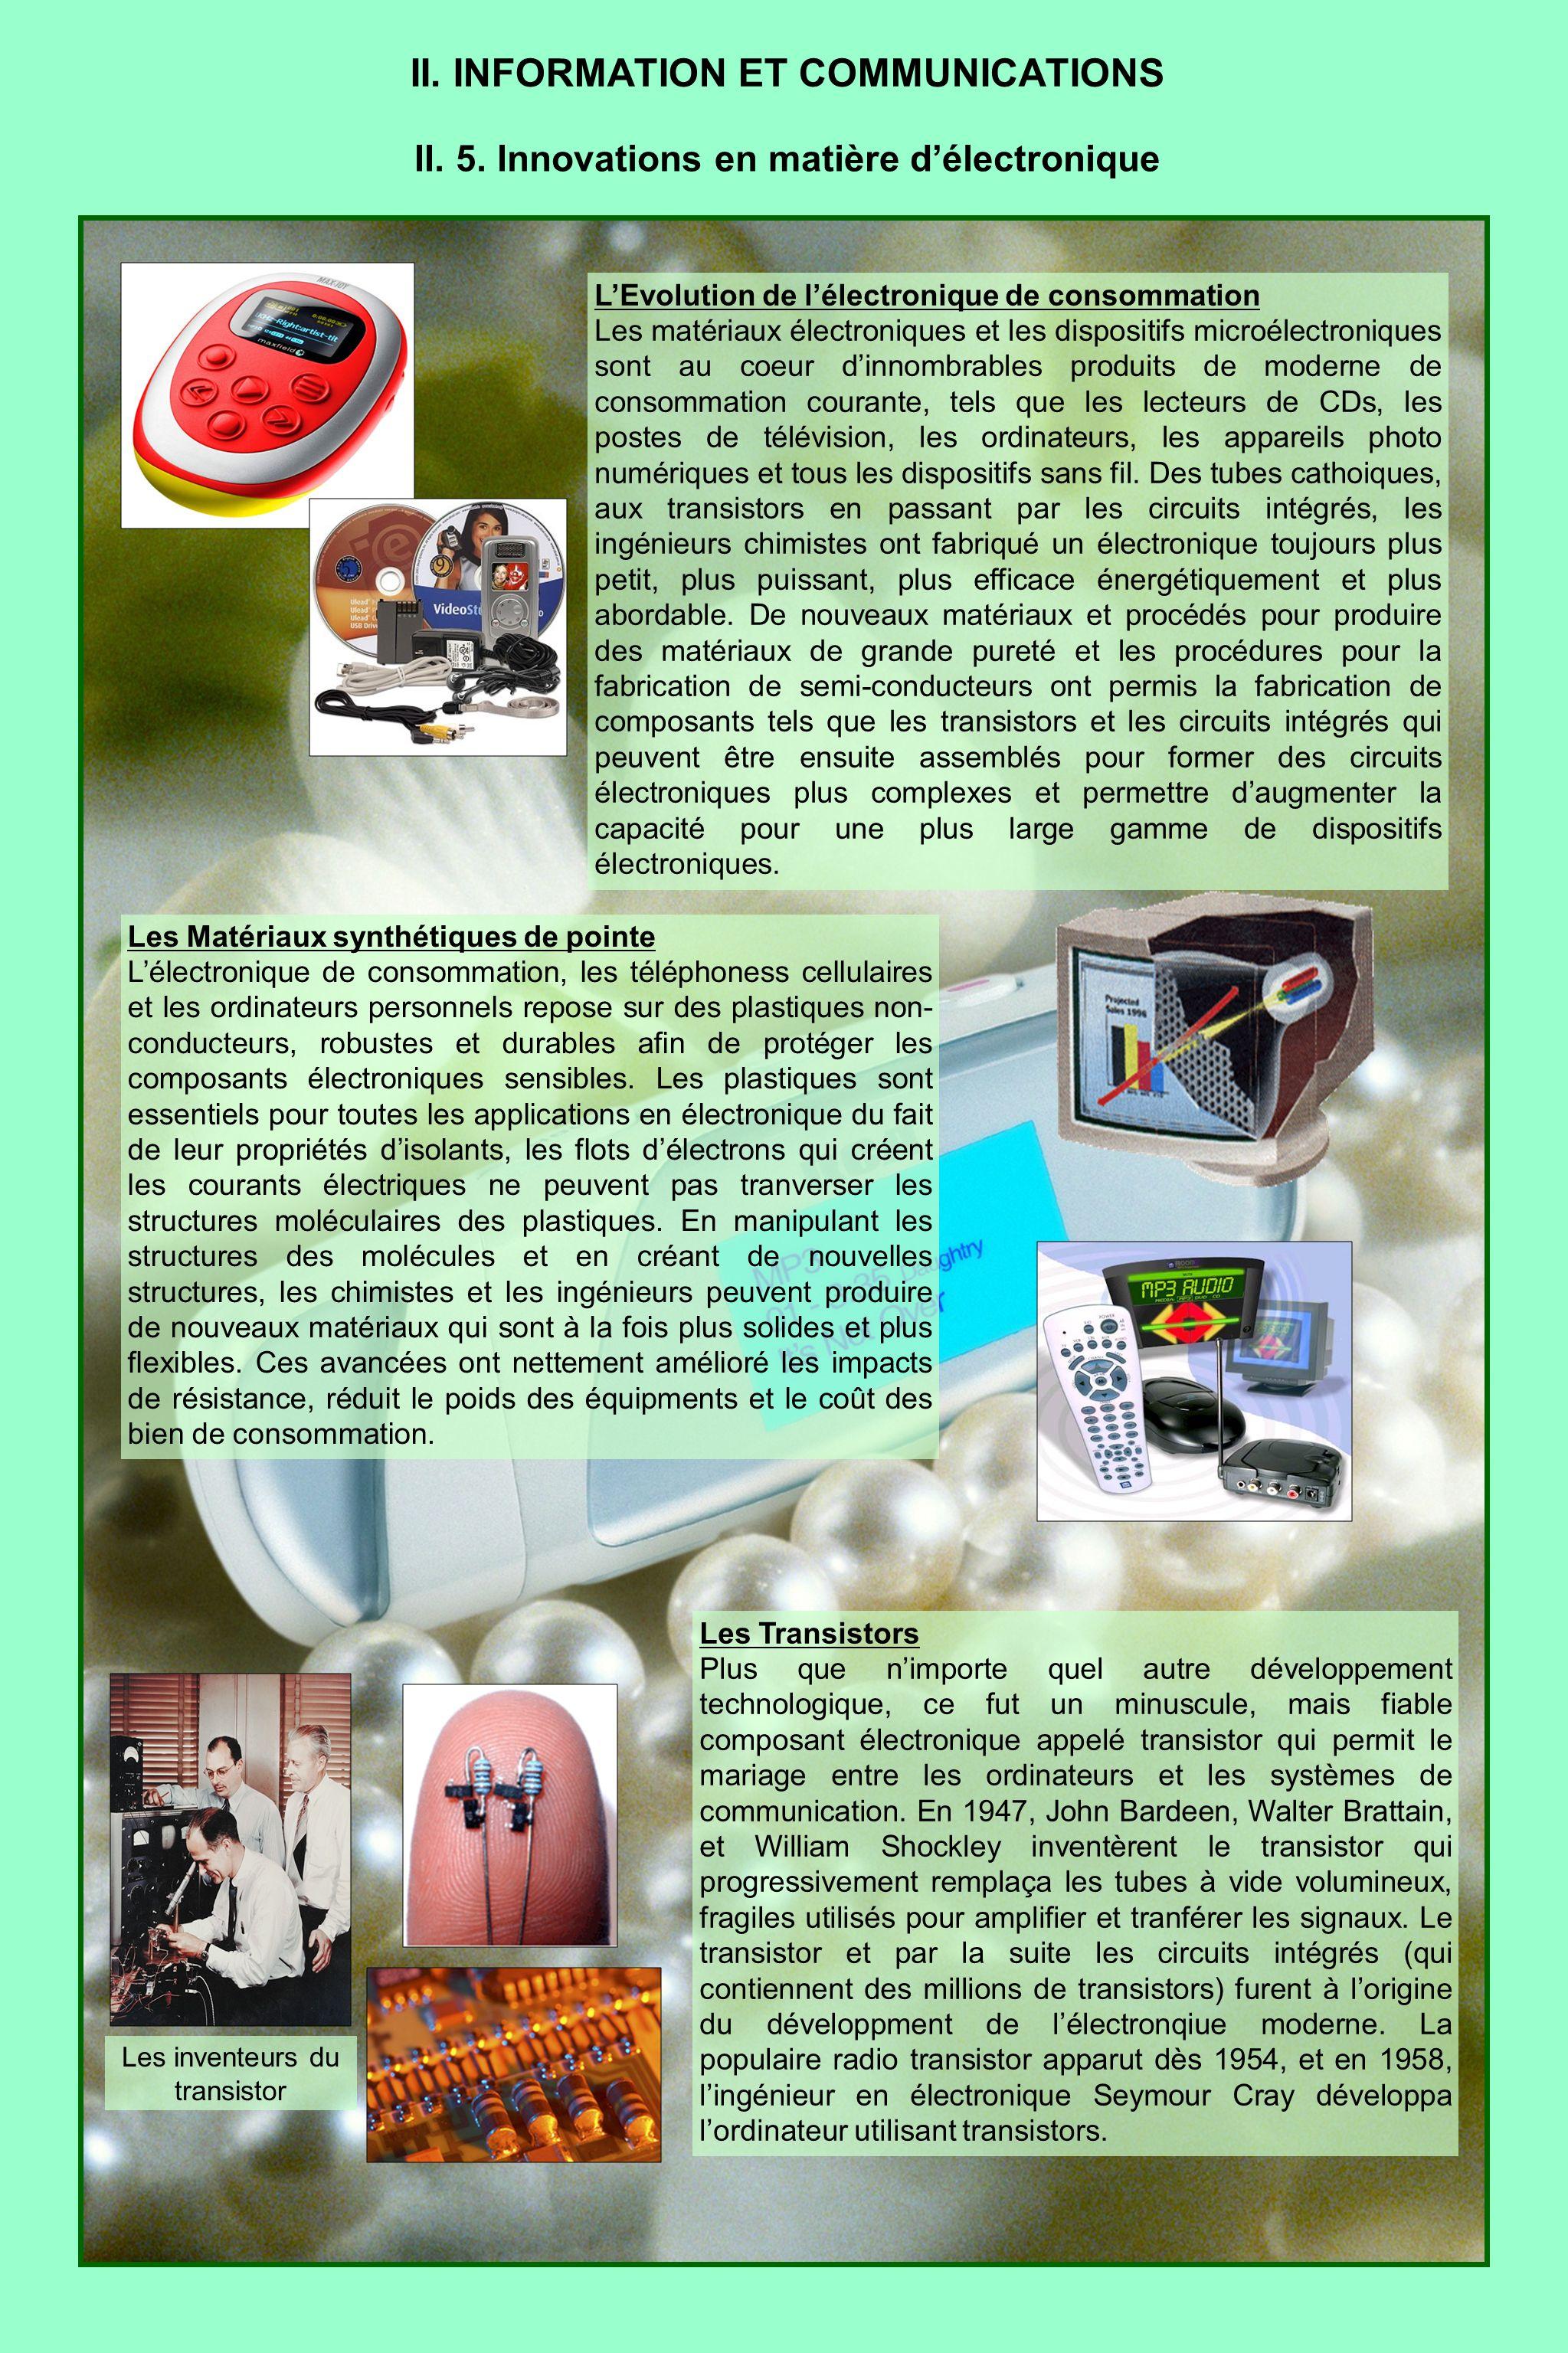 II. INFORMATION ET COMMUNICATIONS II. 5. Innovations en matière délectronique LEvolution de lélectronique de consommation Les matériaux électroniques